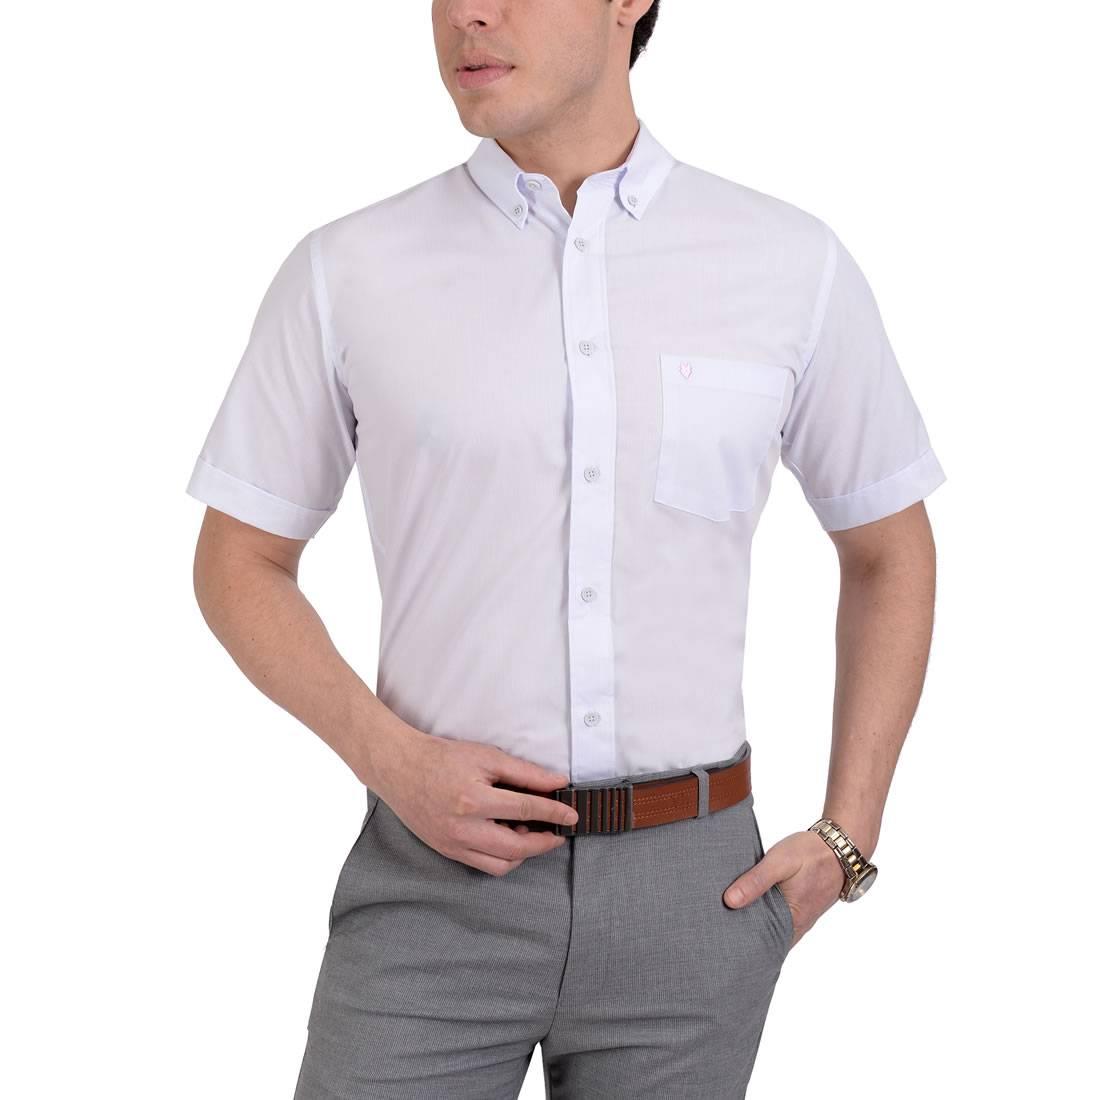 042204431440-01-Camisa-Casual-Manga-Corta-Modern-Fit-Lila-Palido-yale